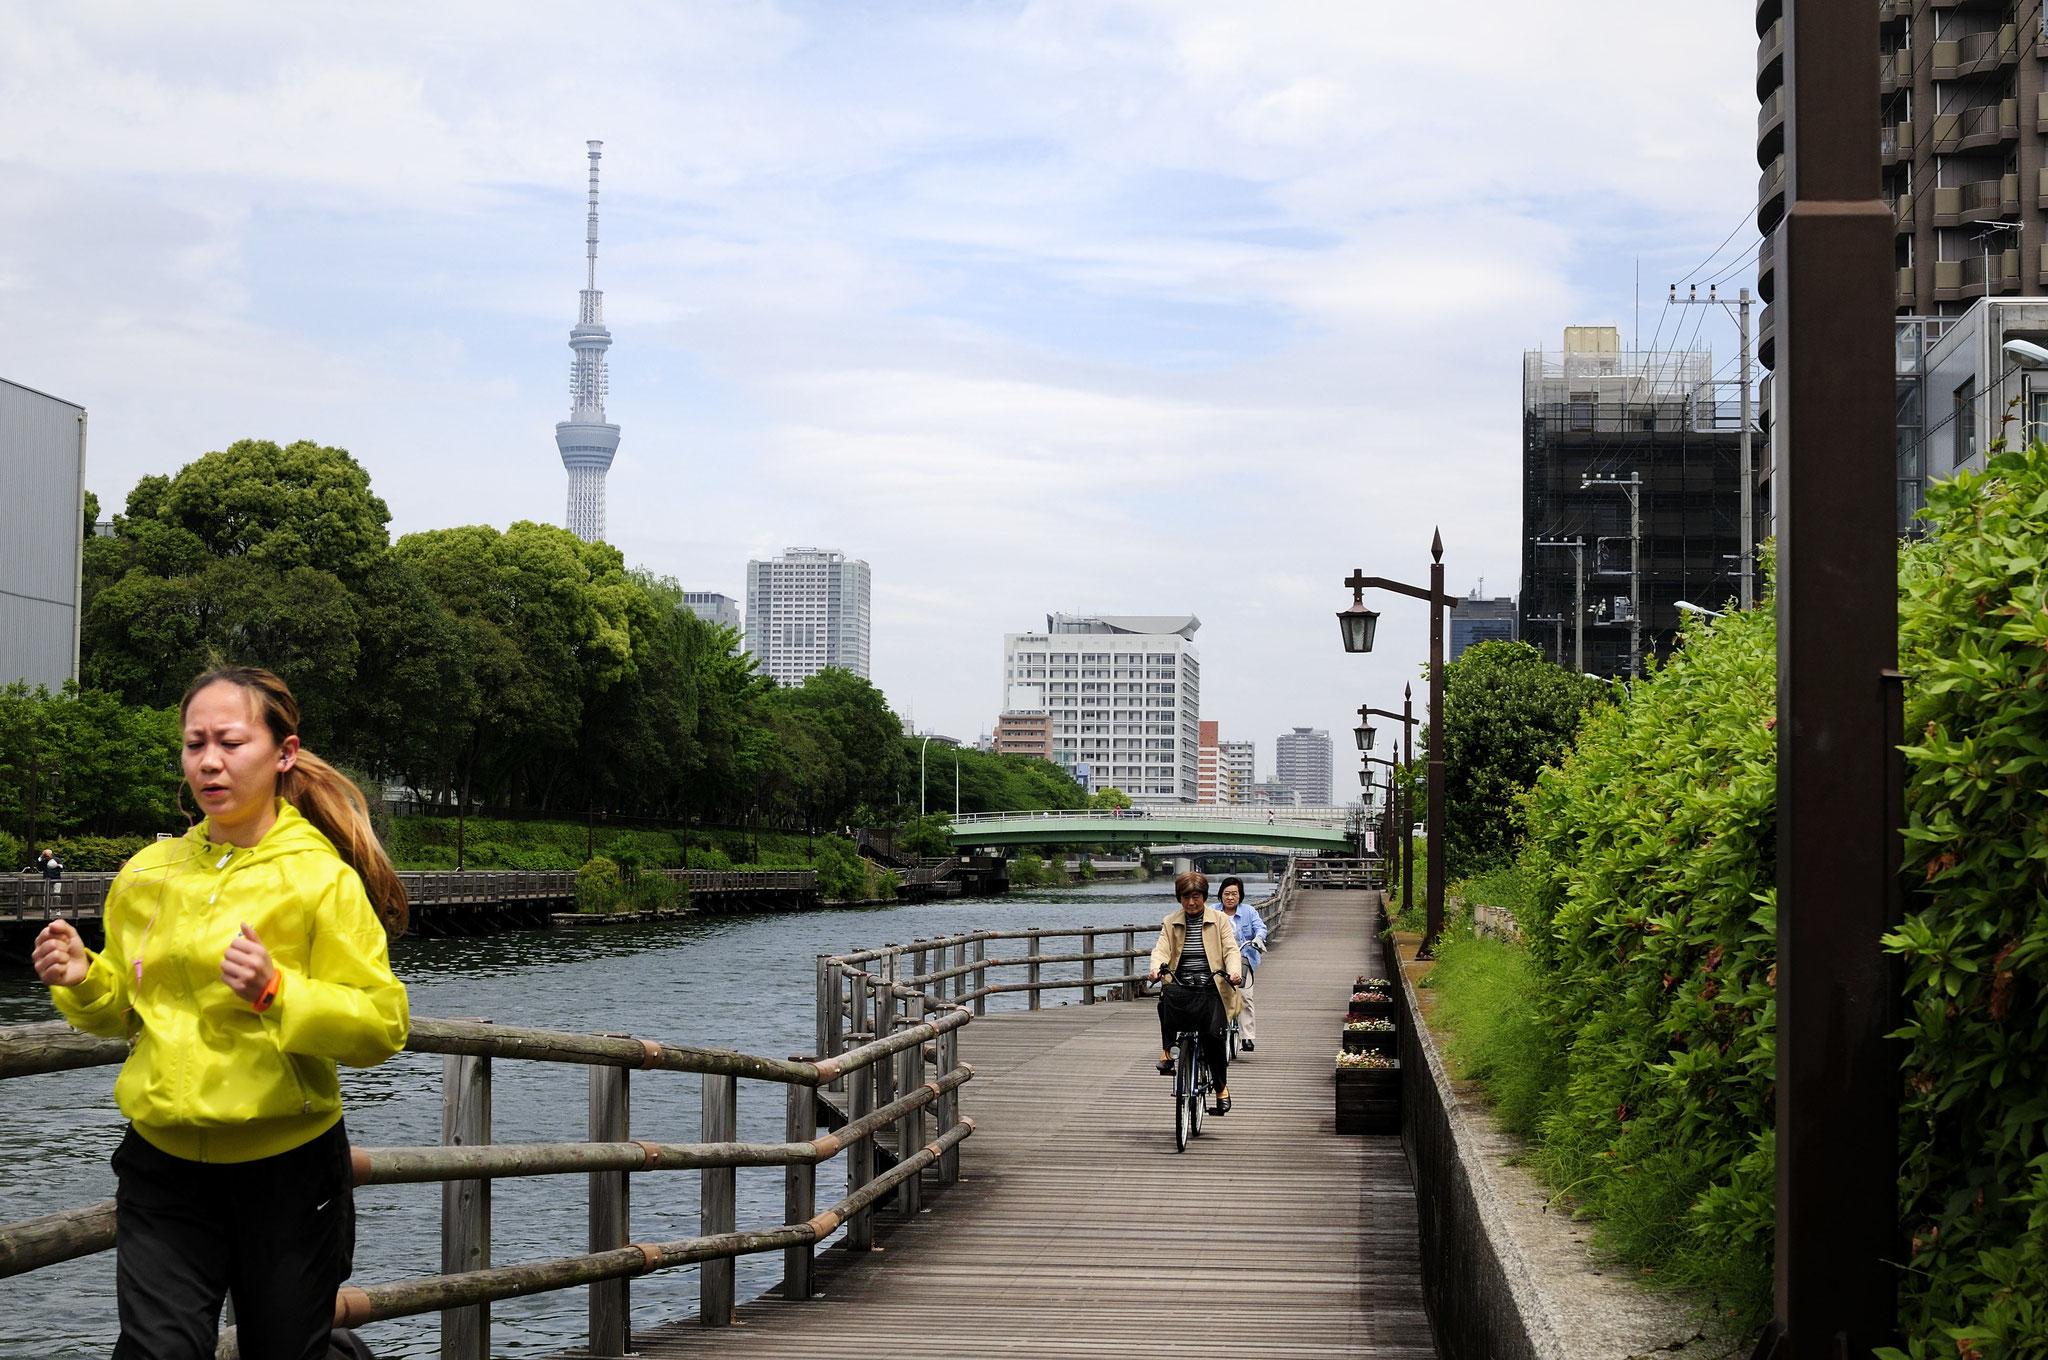 水辺の散策路が整備された横十間川。歩行者優先、水面では手漕ぎボートの 通航優先